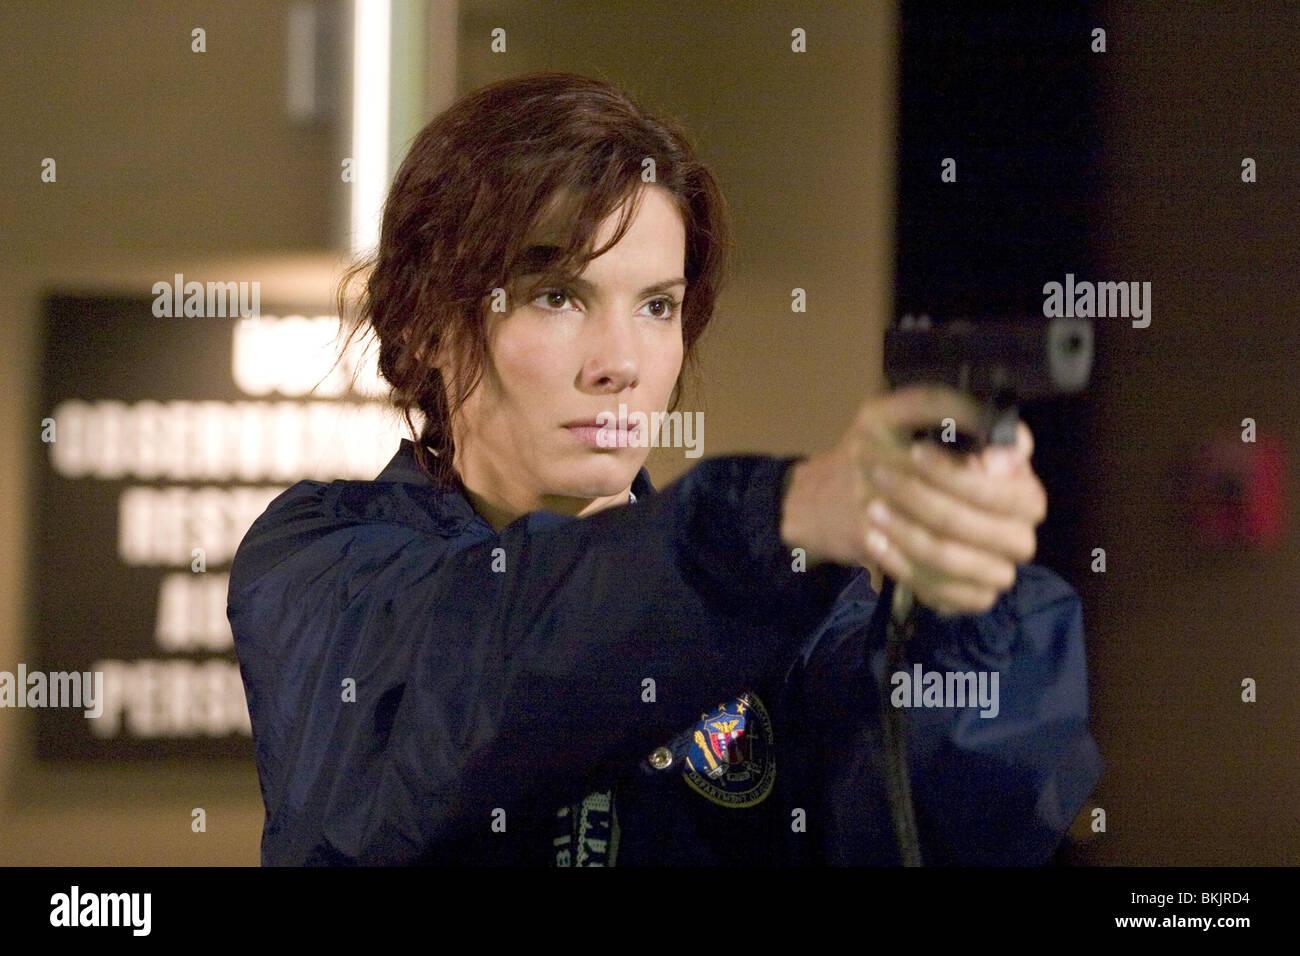 MISS CONGENIALITÀ 2: armati e favoloso (2005) Sandra Bullock MSC2 001-13 Immagini Stock